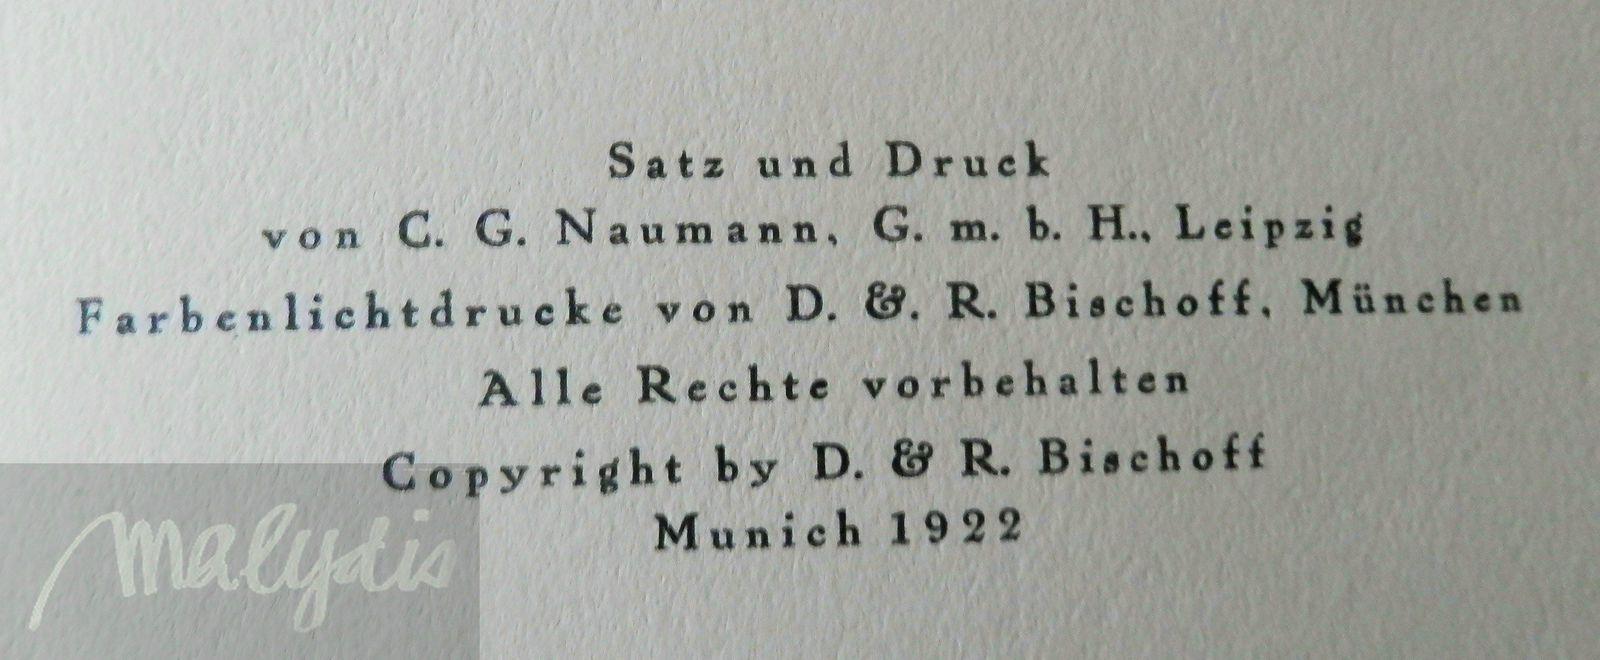 Münich 1922